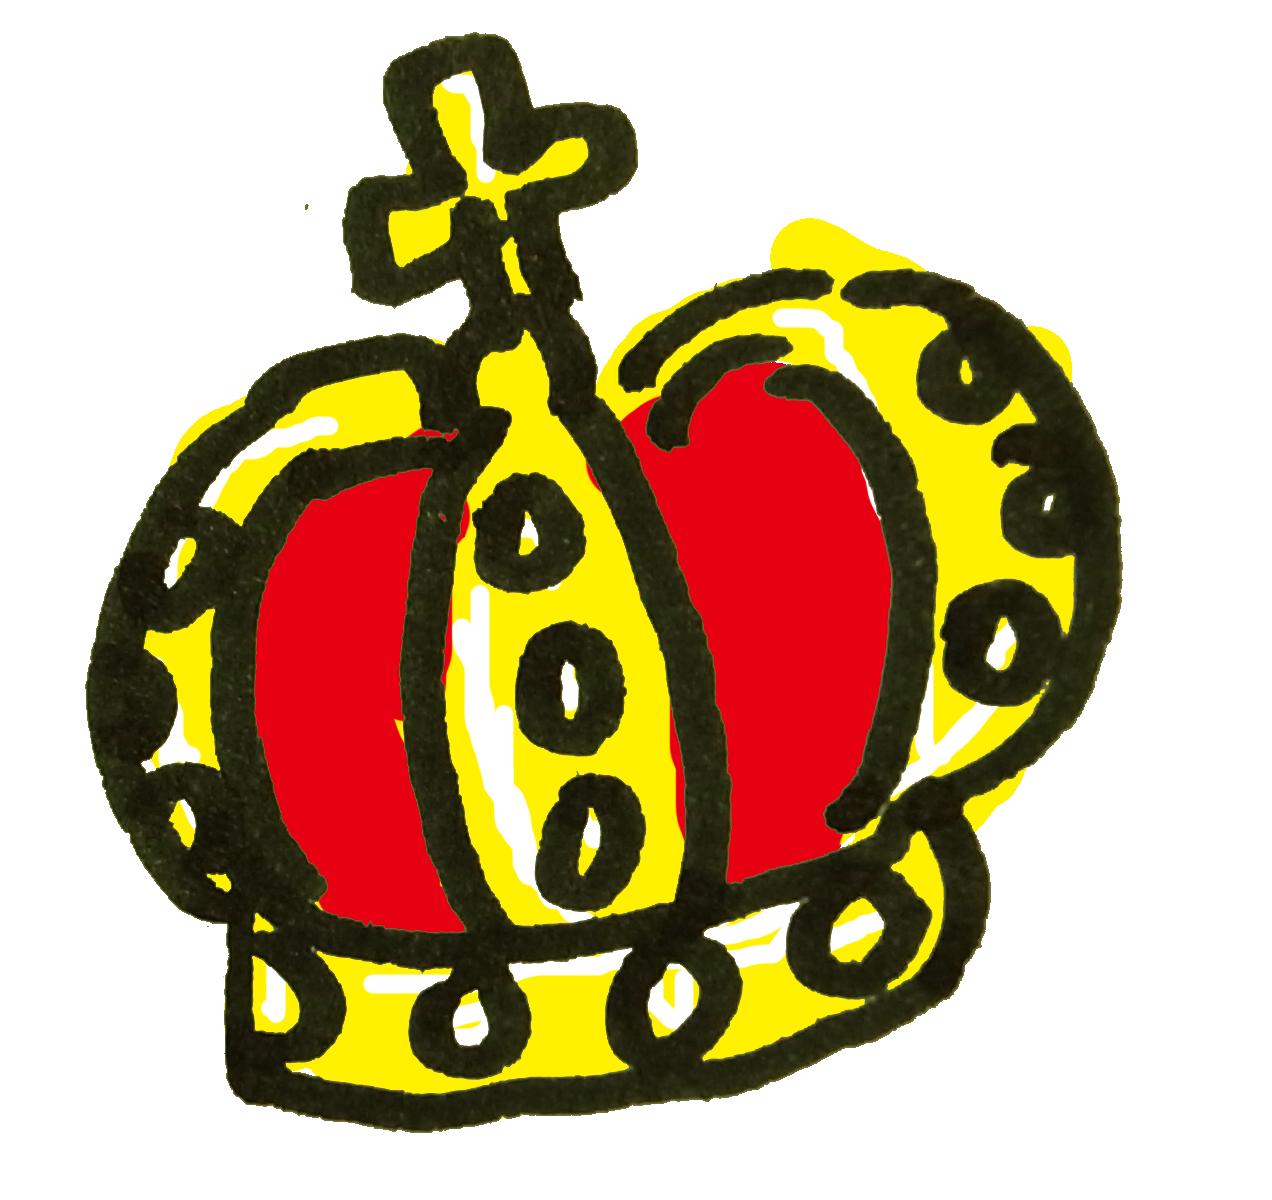 王冠のアイコンのイラスト ゆるくてかわいい無料イラスト素材屋